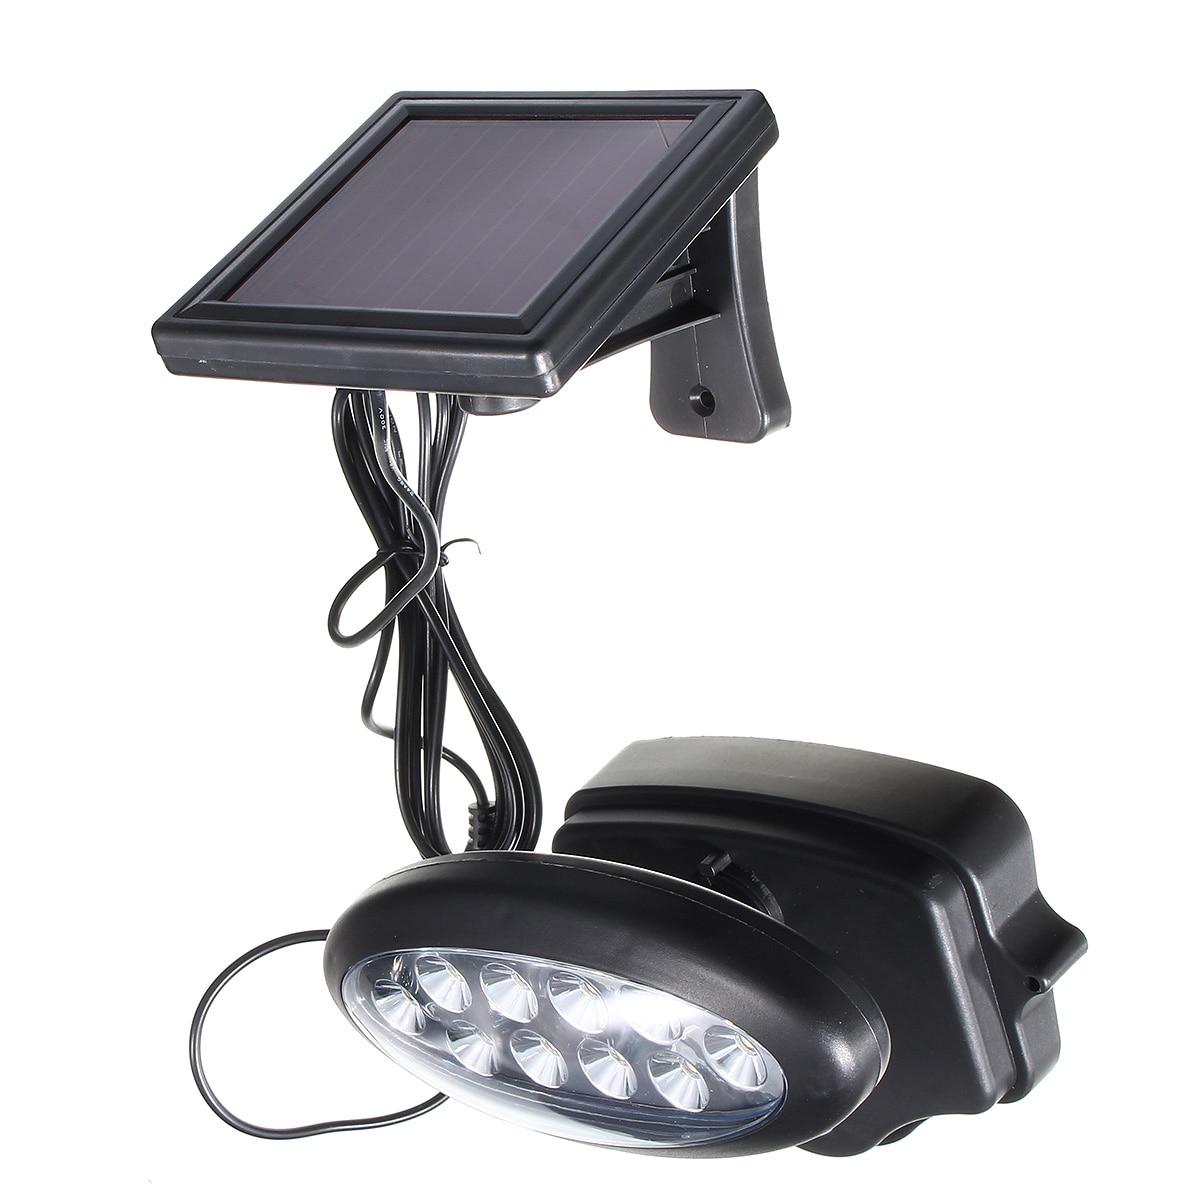 Smuxi 10 LED 3.7 V Solar Power PIR di Movimento Della Parete del Sensore luce Esterna Giardino Lampada Impermeabile IP44 120 Gradi Garage Driveway luce